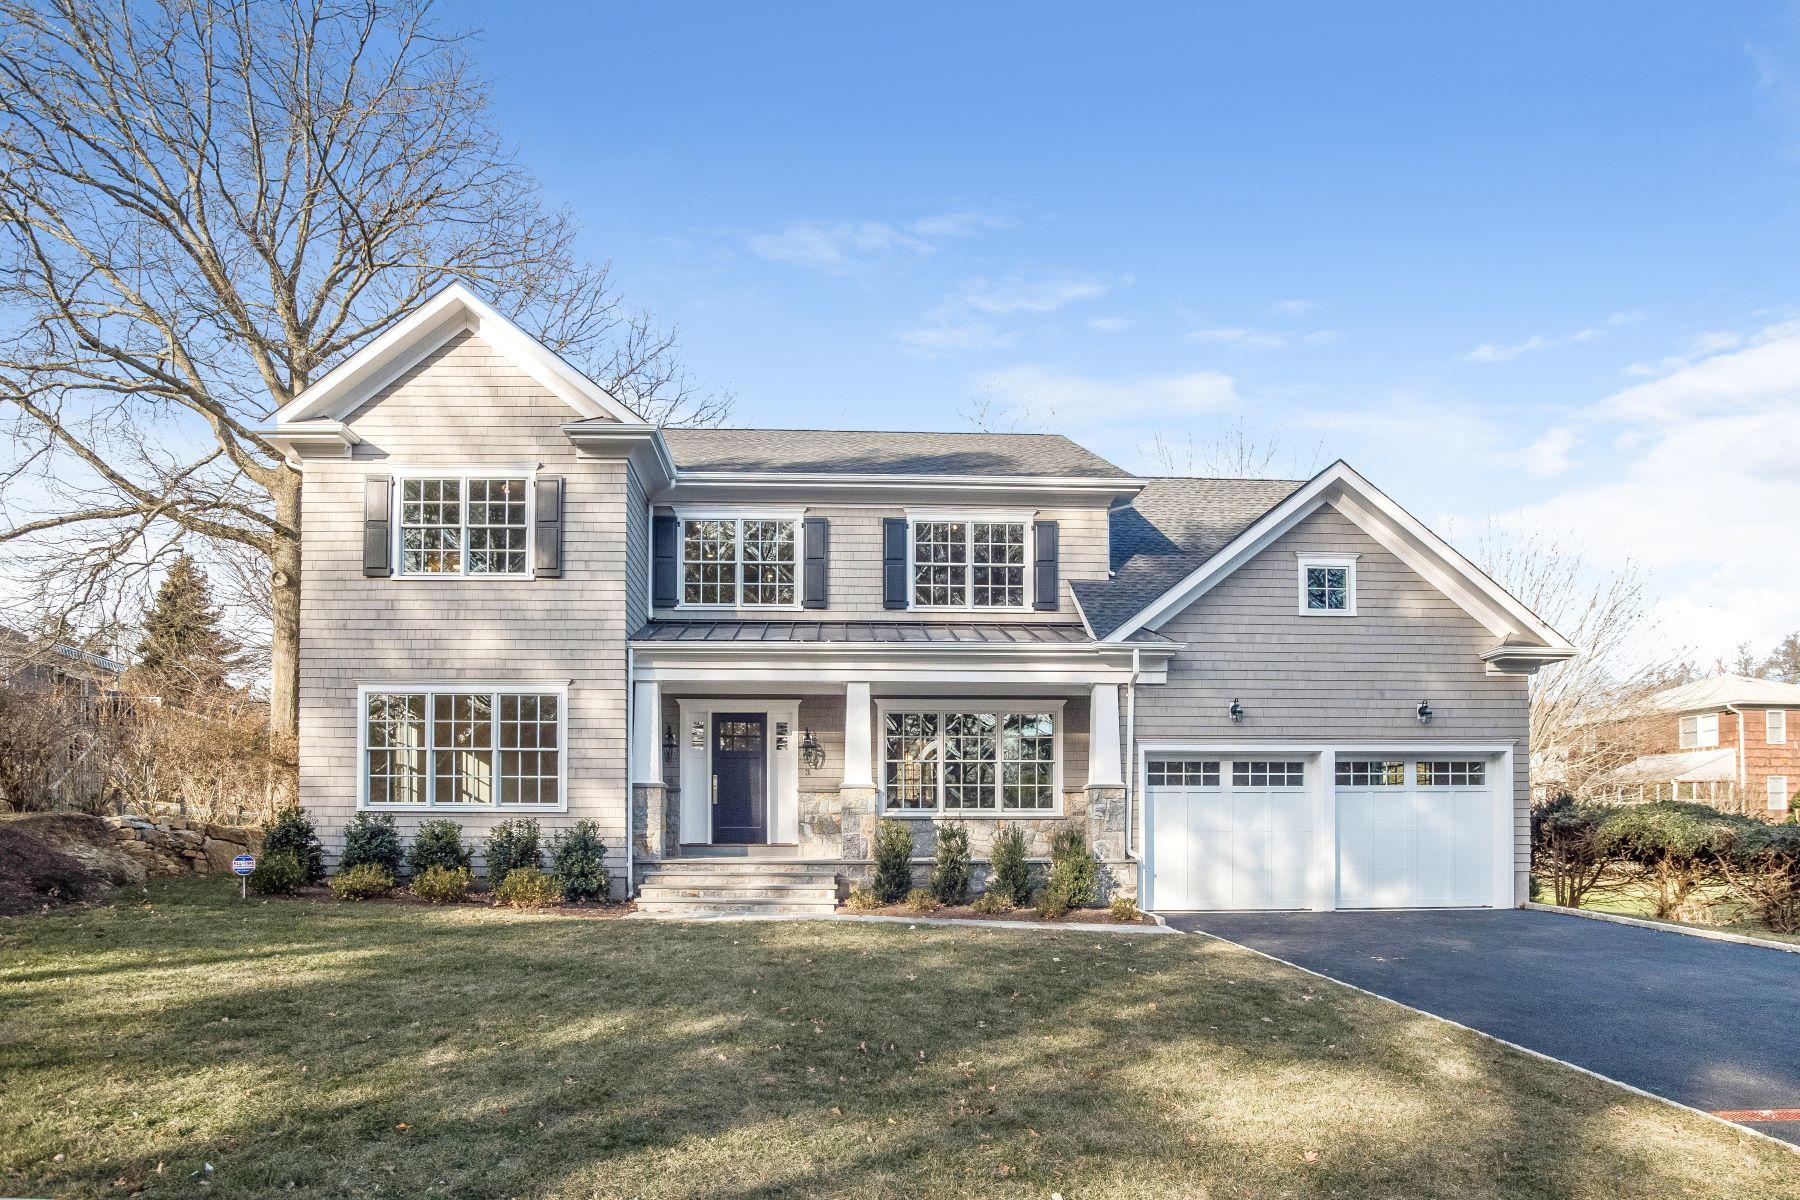 独户住宅 为 销售 在 3 Thorne Place 拉伊, 纽约州, 10580 美国